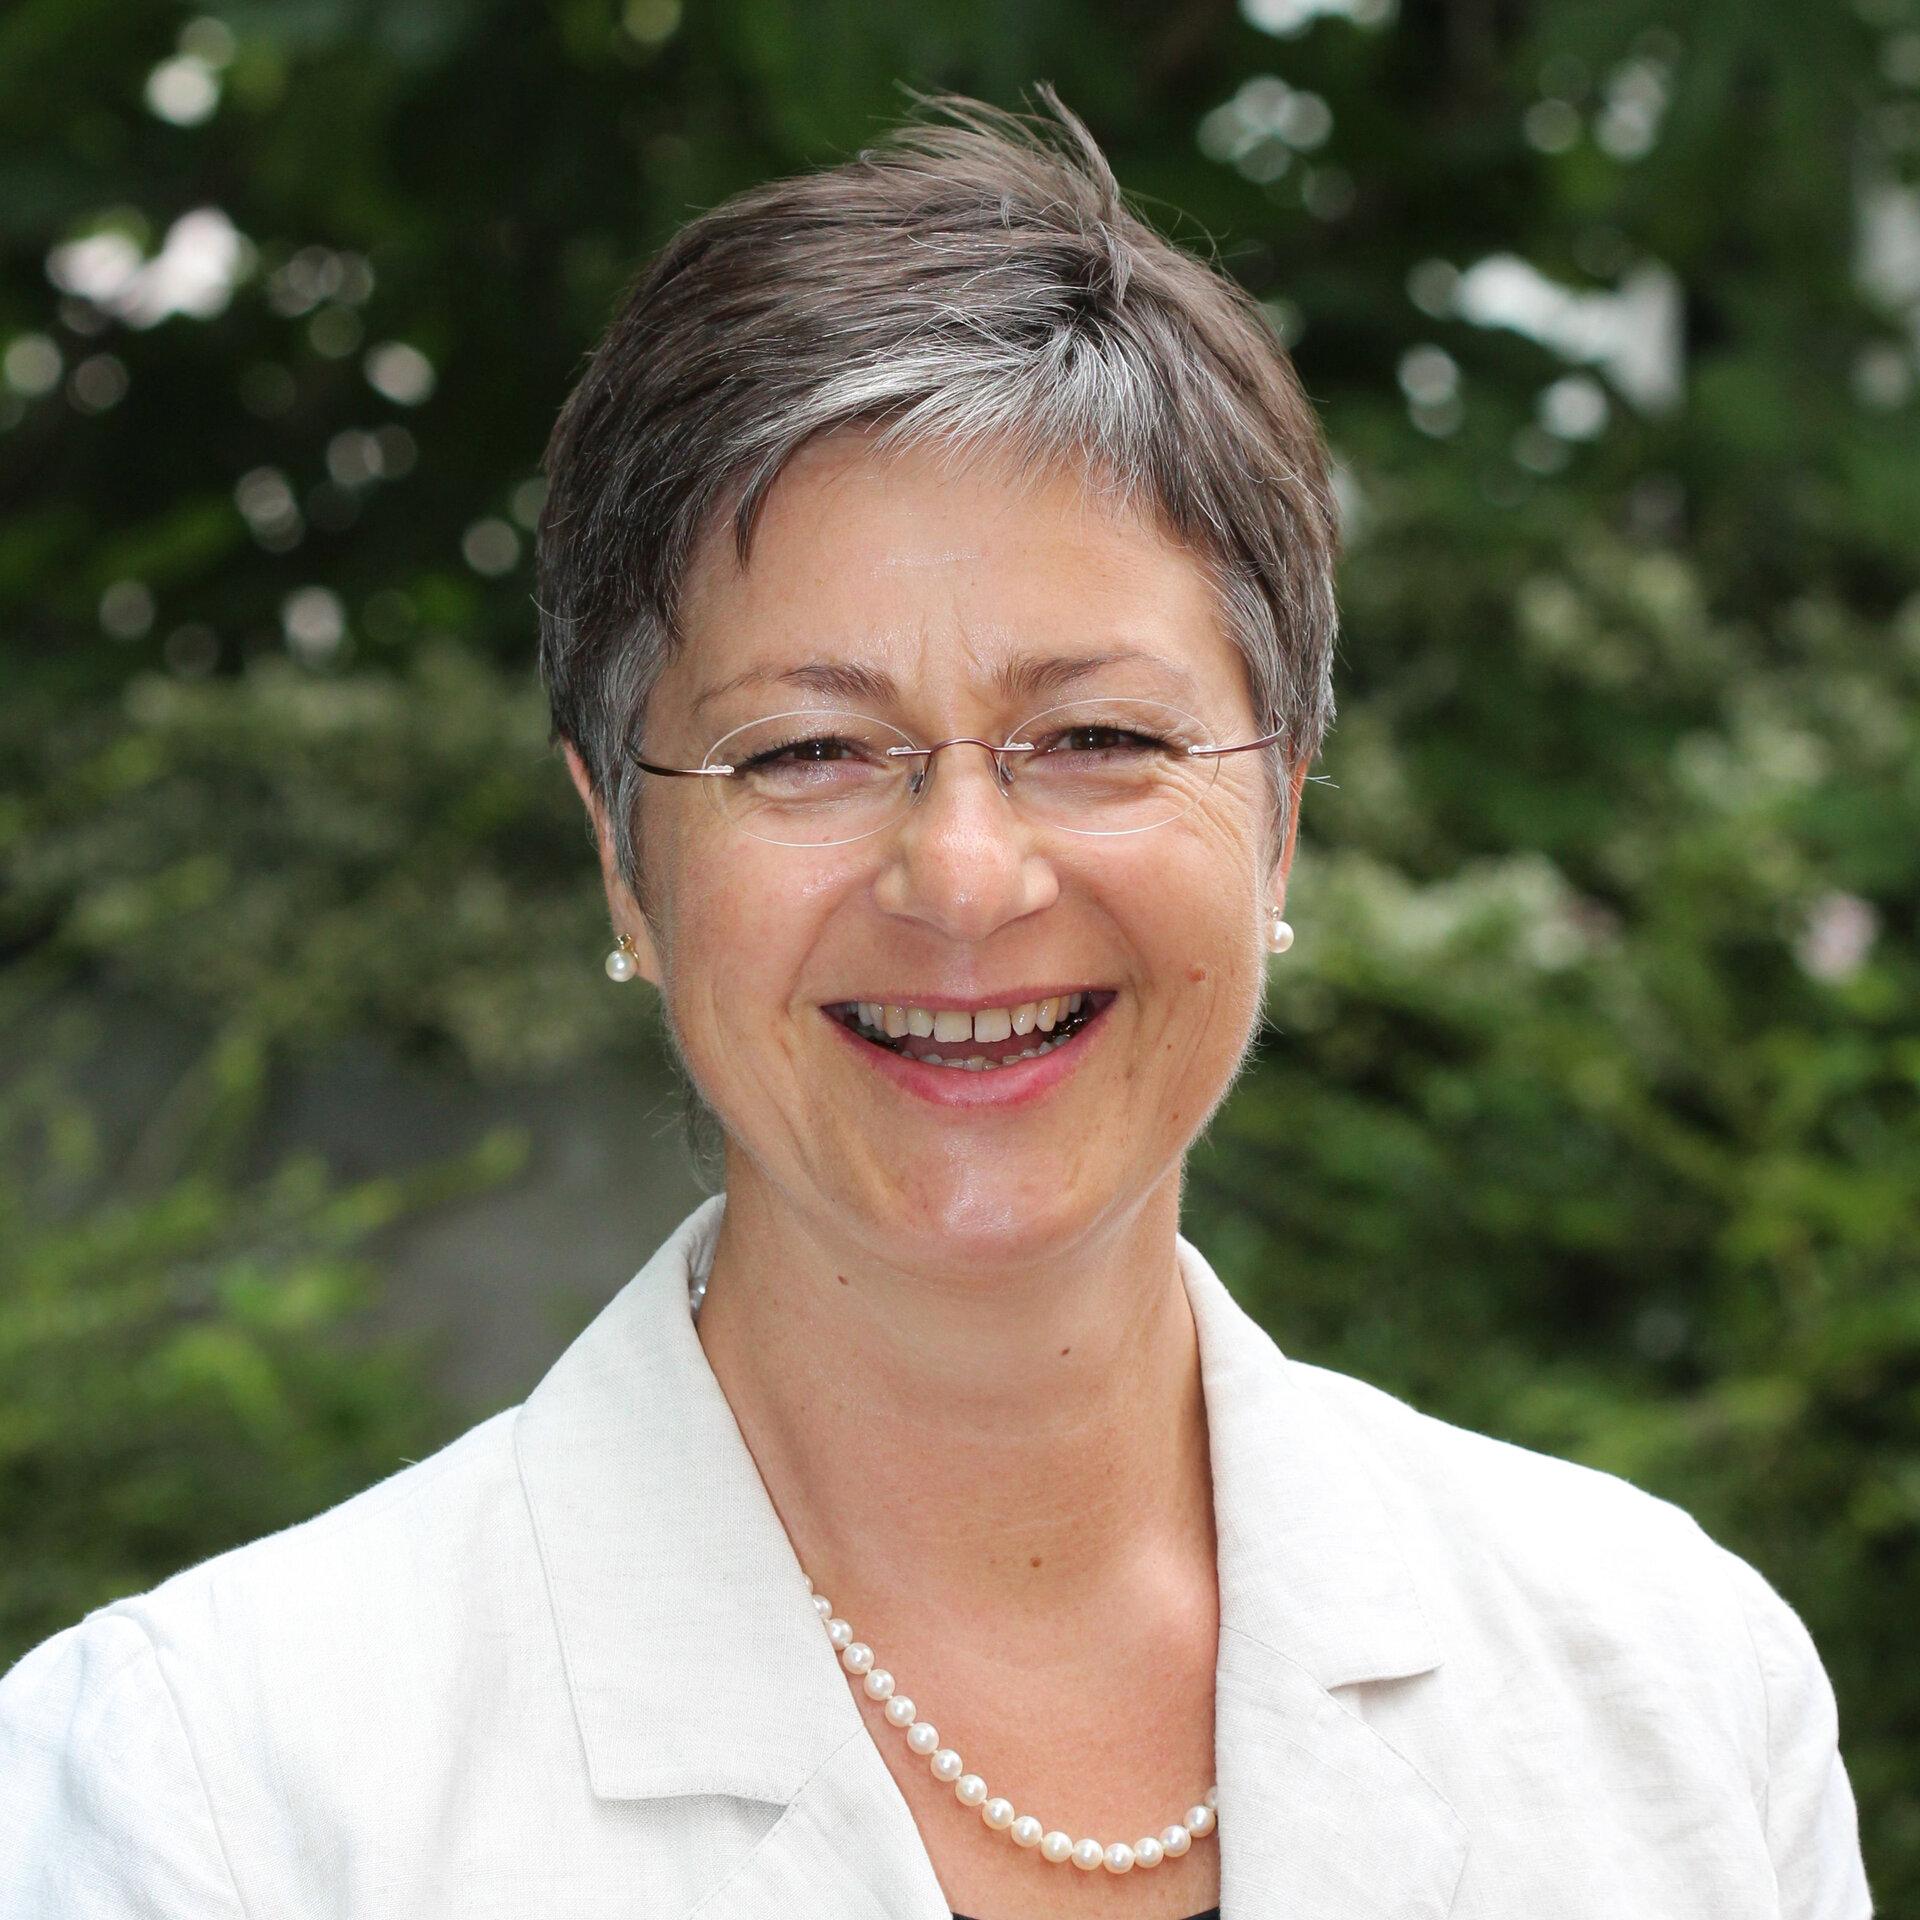 Frau Meier-Klumpp